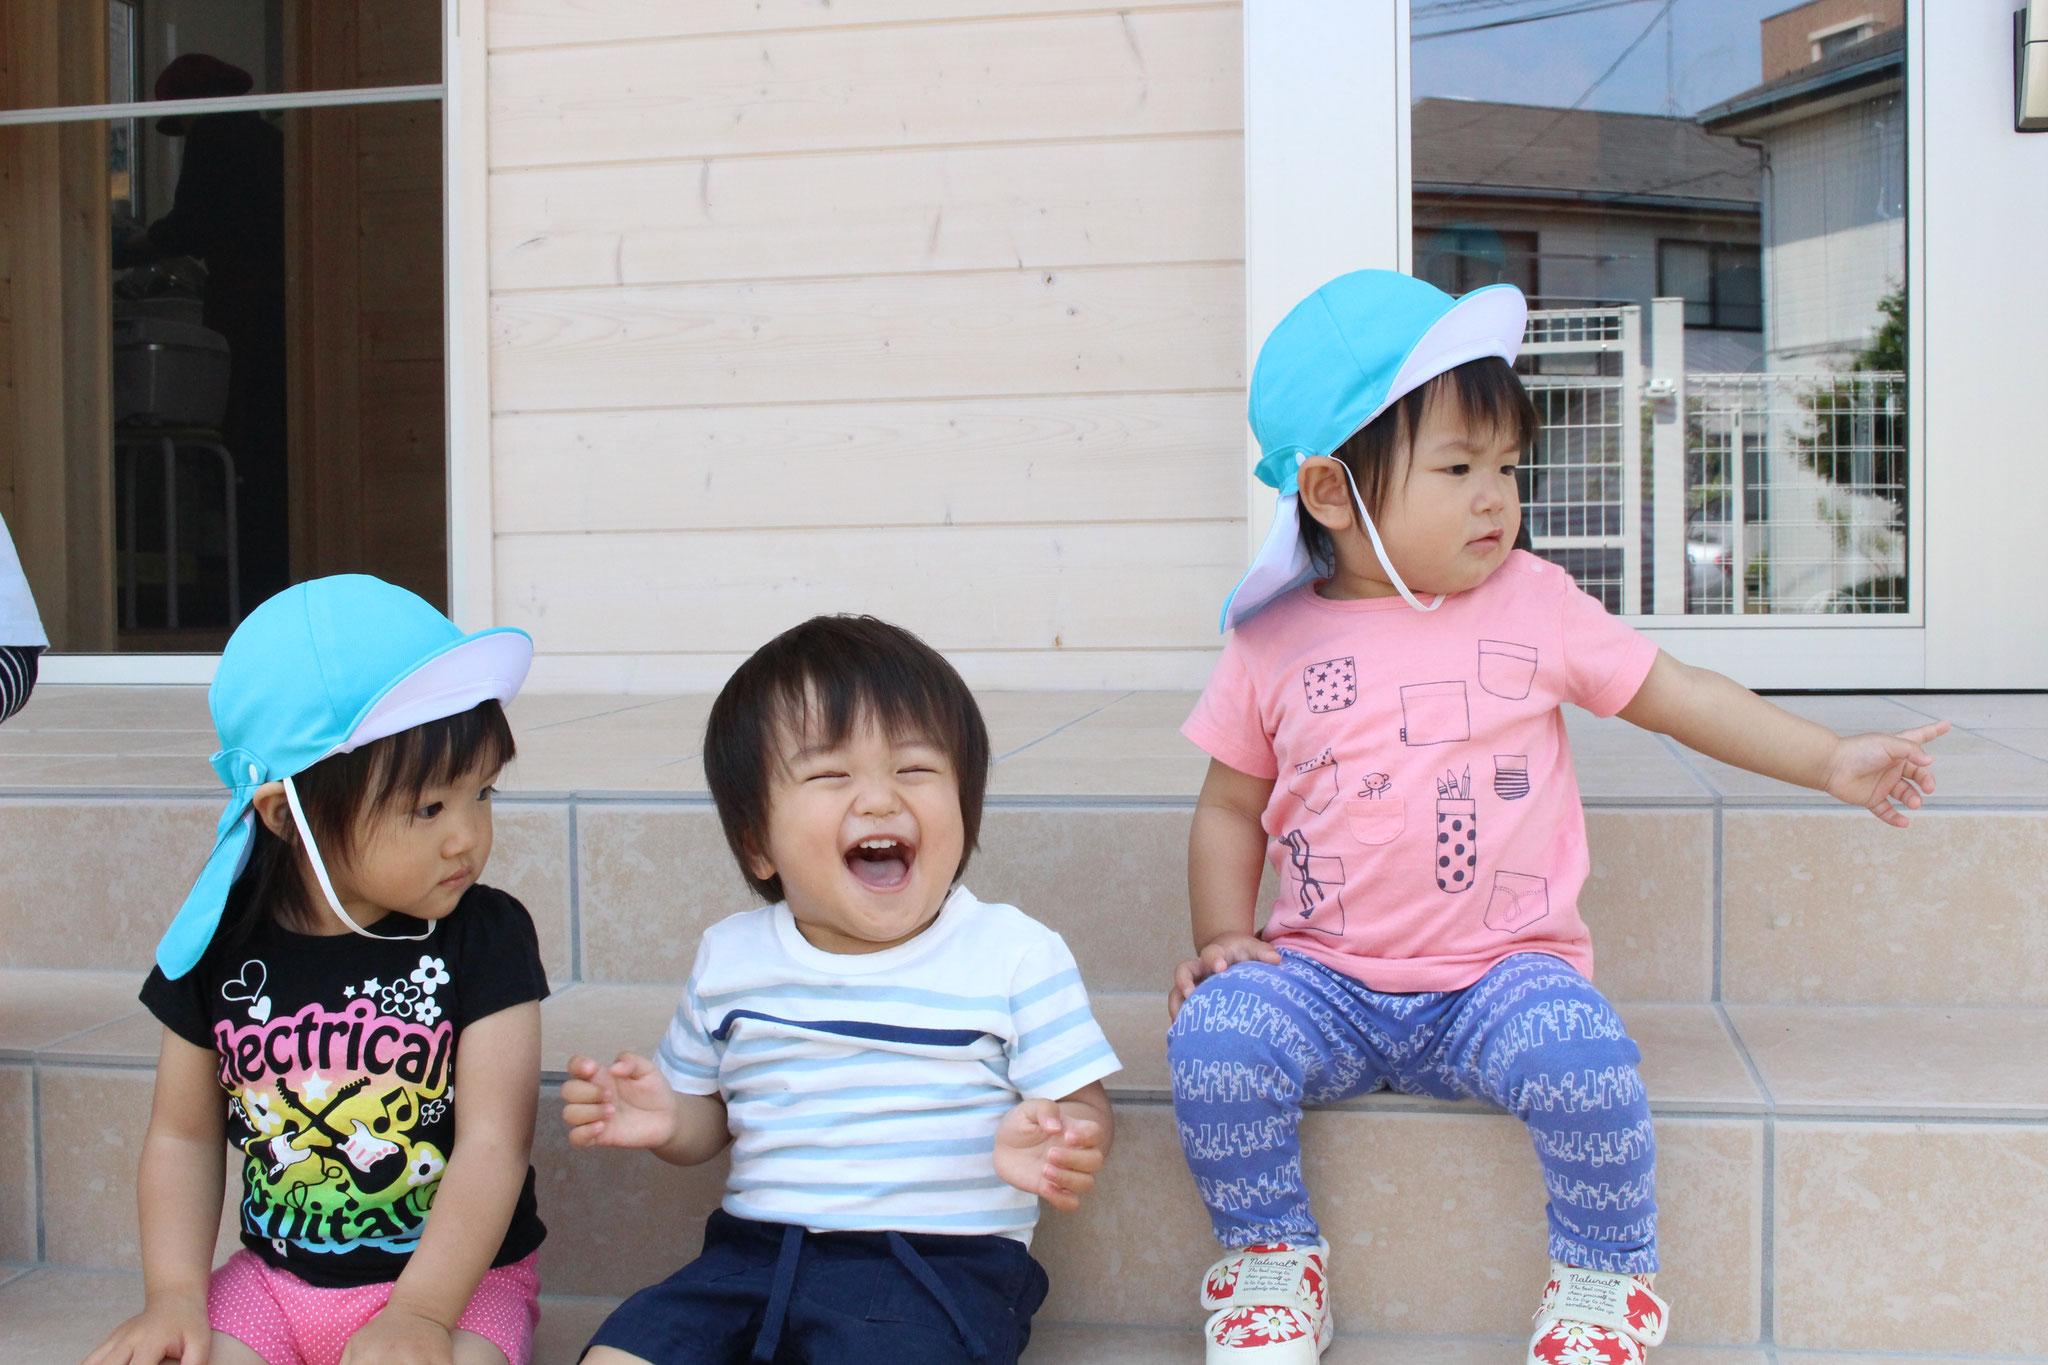 お外にでると ニッコリと 本当に いい笑顔です(^▽^)/ みんな Tくんの 笑顔に メロメロ キュンキュンですよ(⋈◍>◡<◍)。✧♡